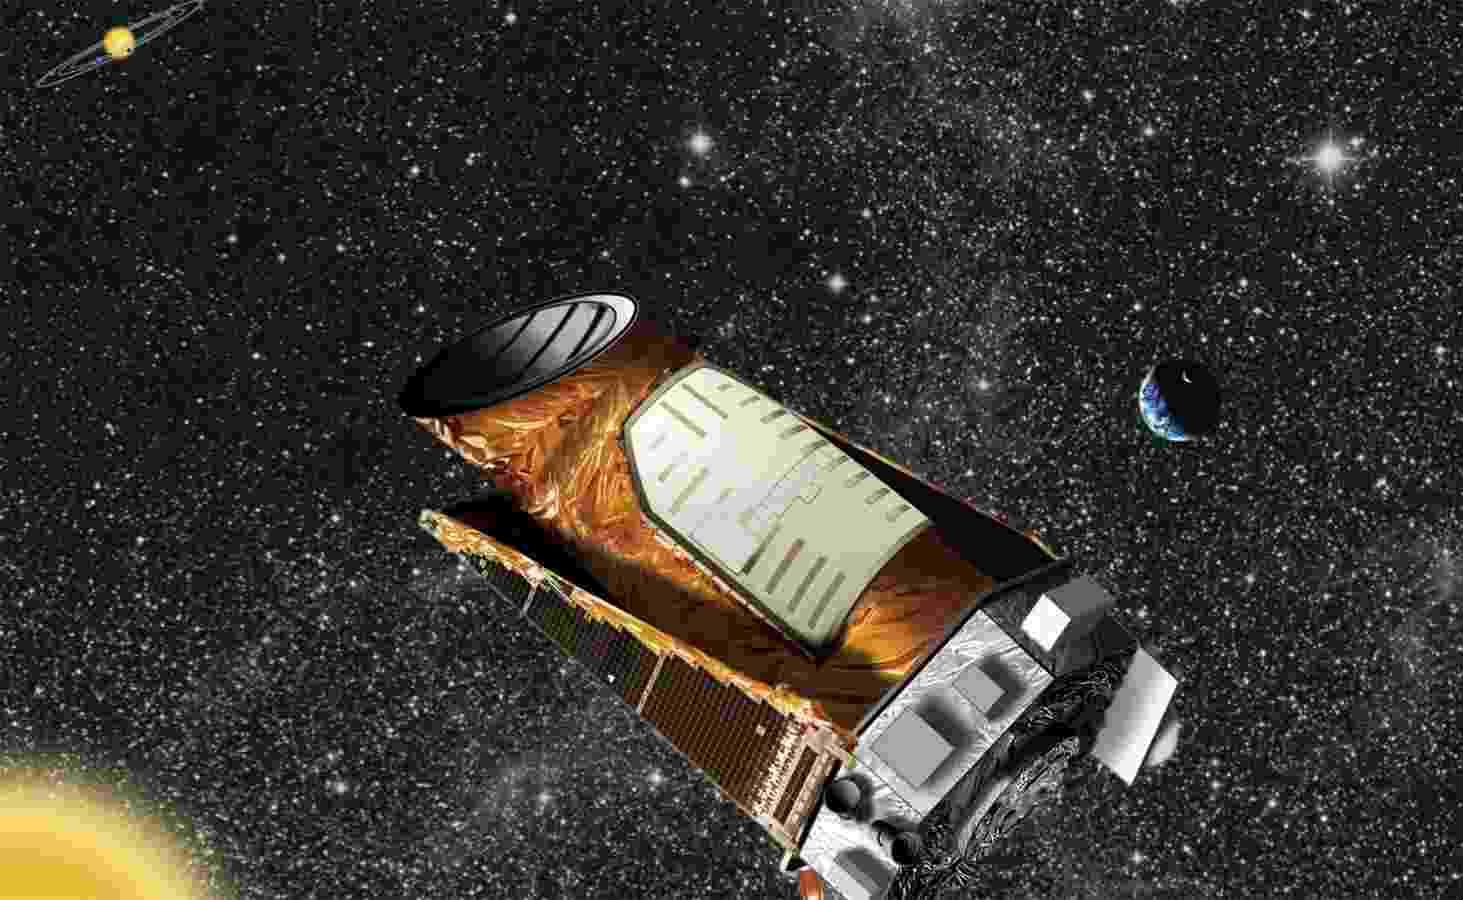 15.ago.2013 - A Nasa (Agência Espacial Norte-Americana) desistiu de consertar o Kepler, telescópio espacial que caça planetas fora do Sistema Solar, depois que uma falha técnica obrigou o equipamento a 'estacionar' a 64 milhões de quilômetros de distância, em maio passado. Duas de suas quatro 'rodas' pifaram e prejudicaram sua estabilização, instrumentos necessários para que o telescópio aponte para uma direção no espaço - Nasa